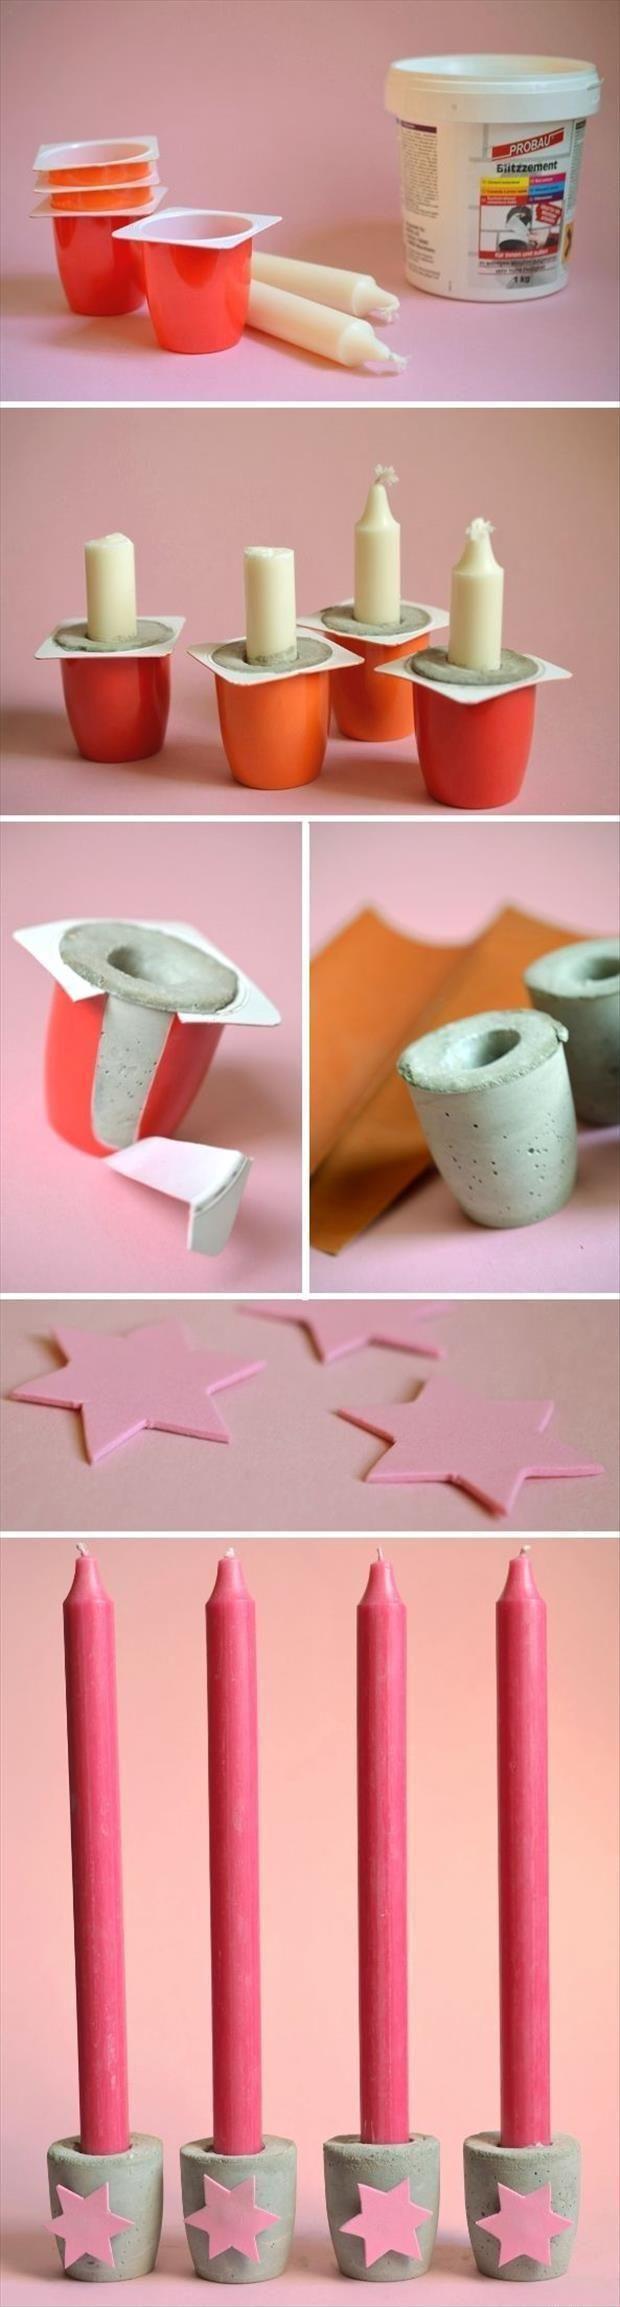 Kleine kreative Ideen zum Selbermachen #4